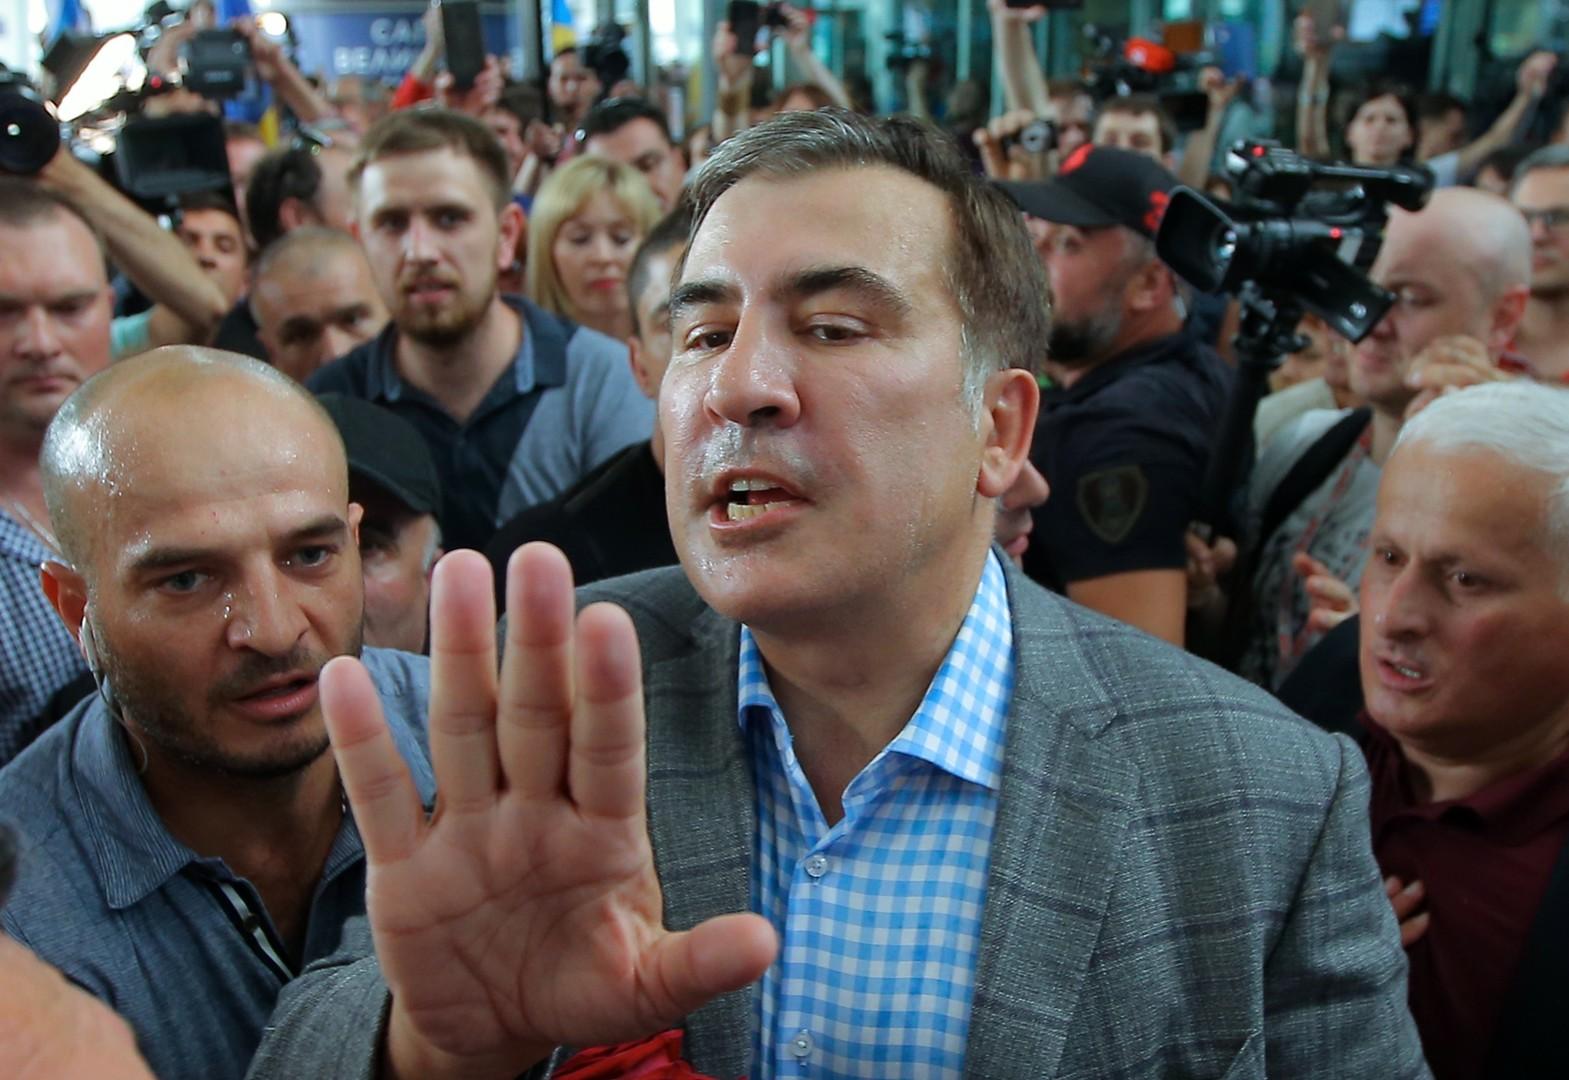 الرئيس الجورجي ومحافظ مقاطعة أوديسا الأوكرانية سابقا، ميخائيل ساكاشفيلي، عقب عودته إلى أوكرانيا